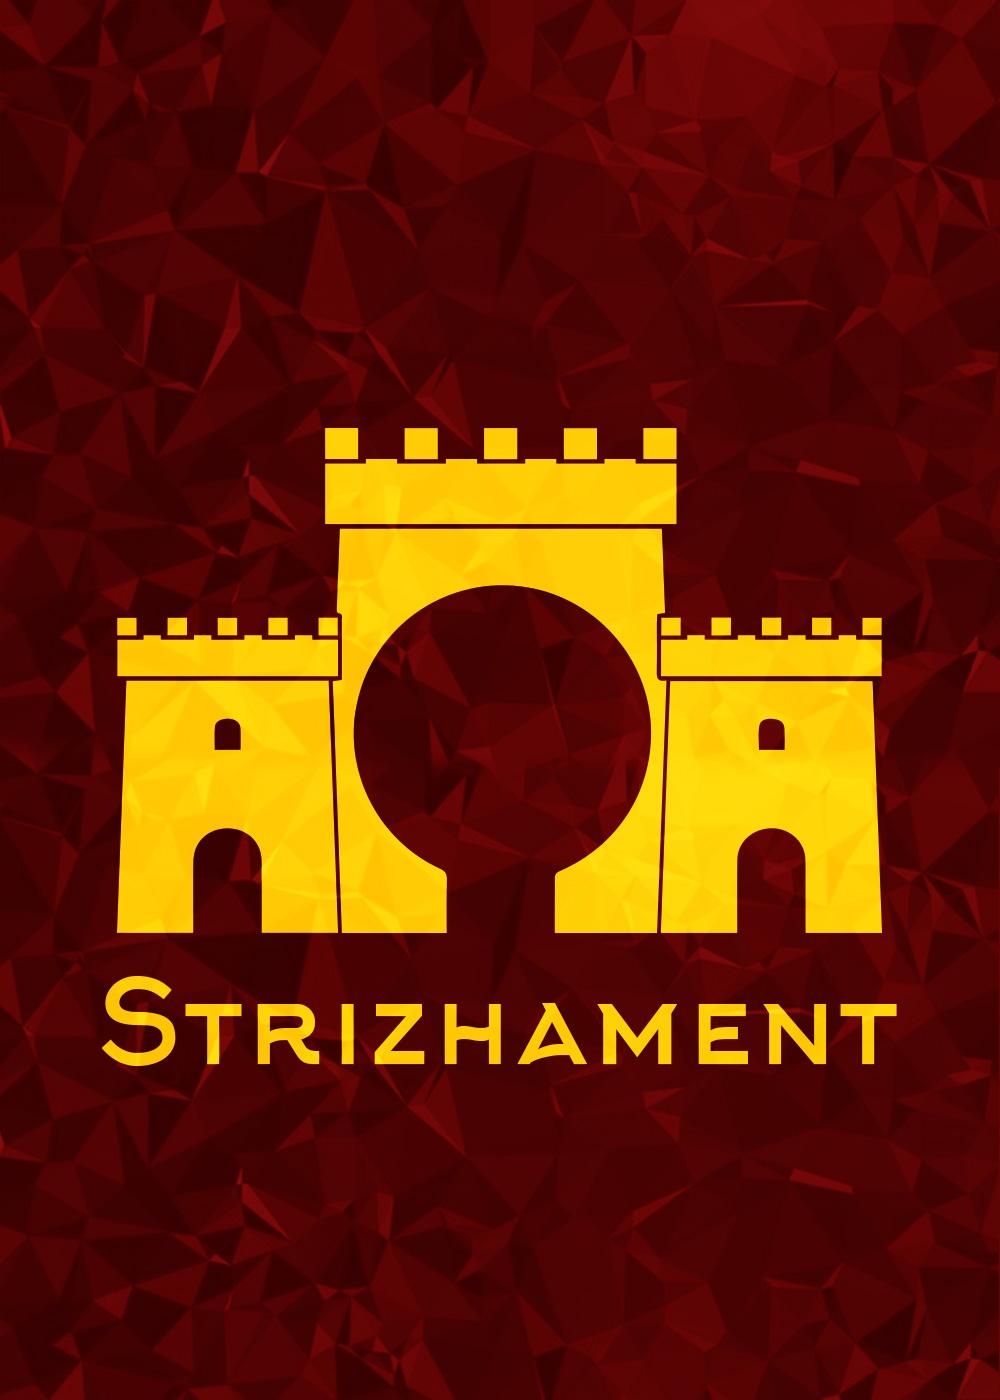 Дизайн лого бренда фото f_8805d52a9e58217e.jpg